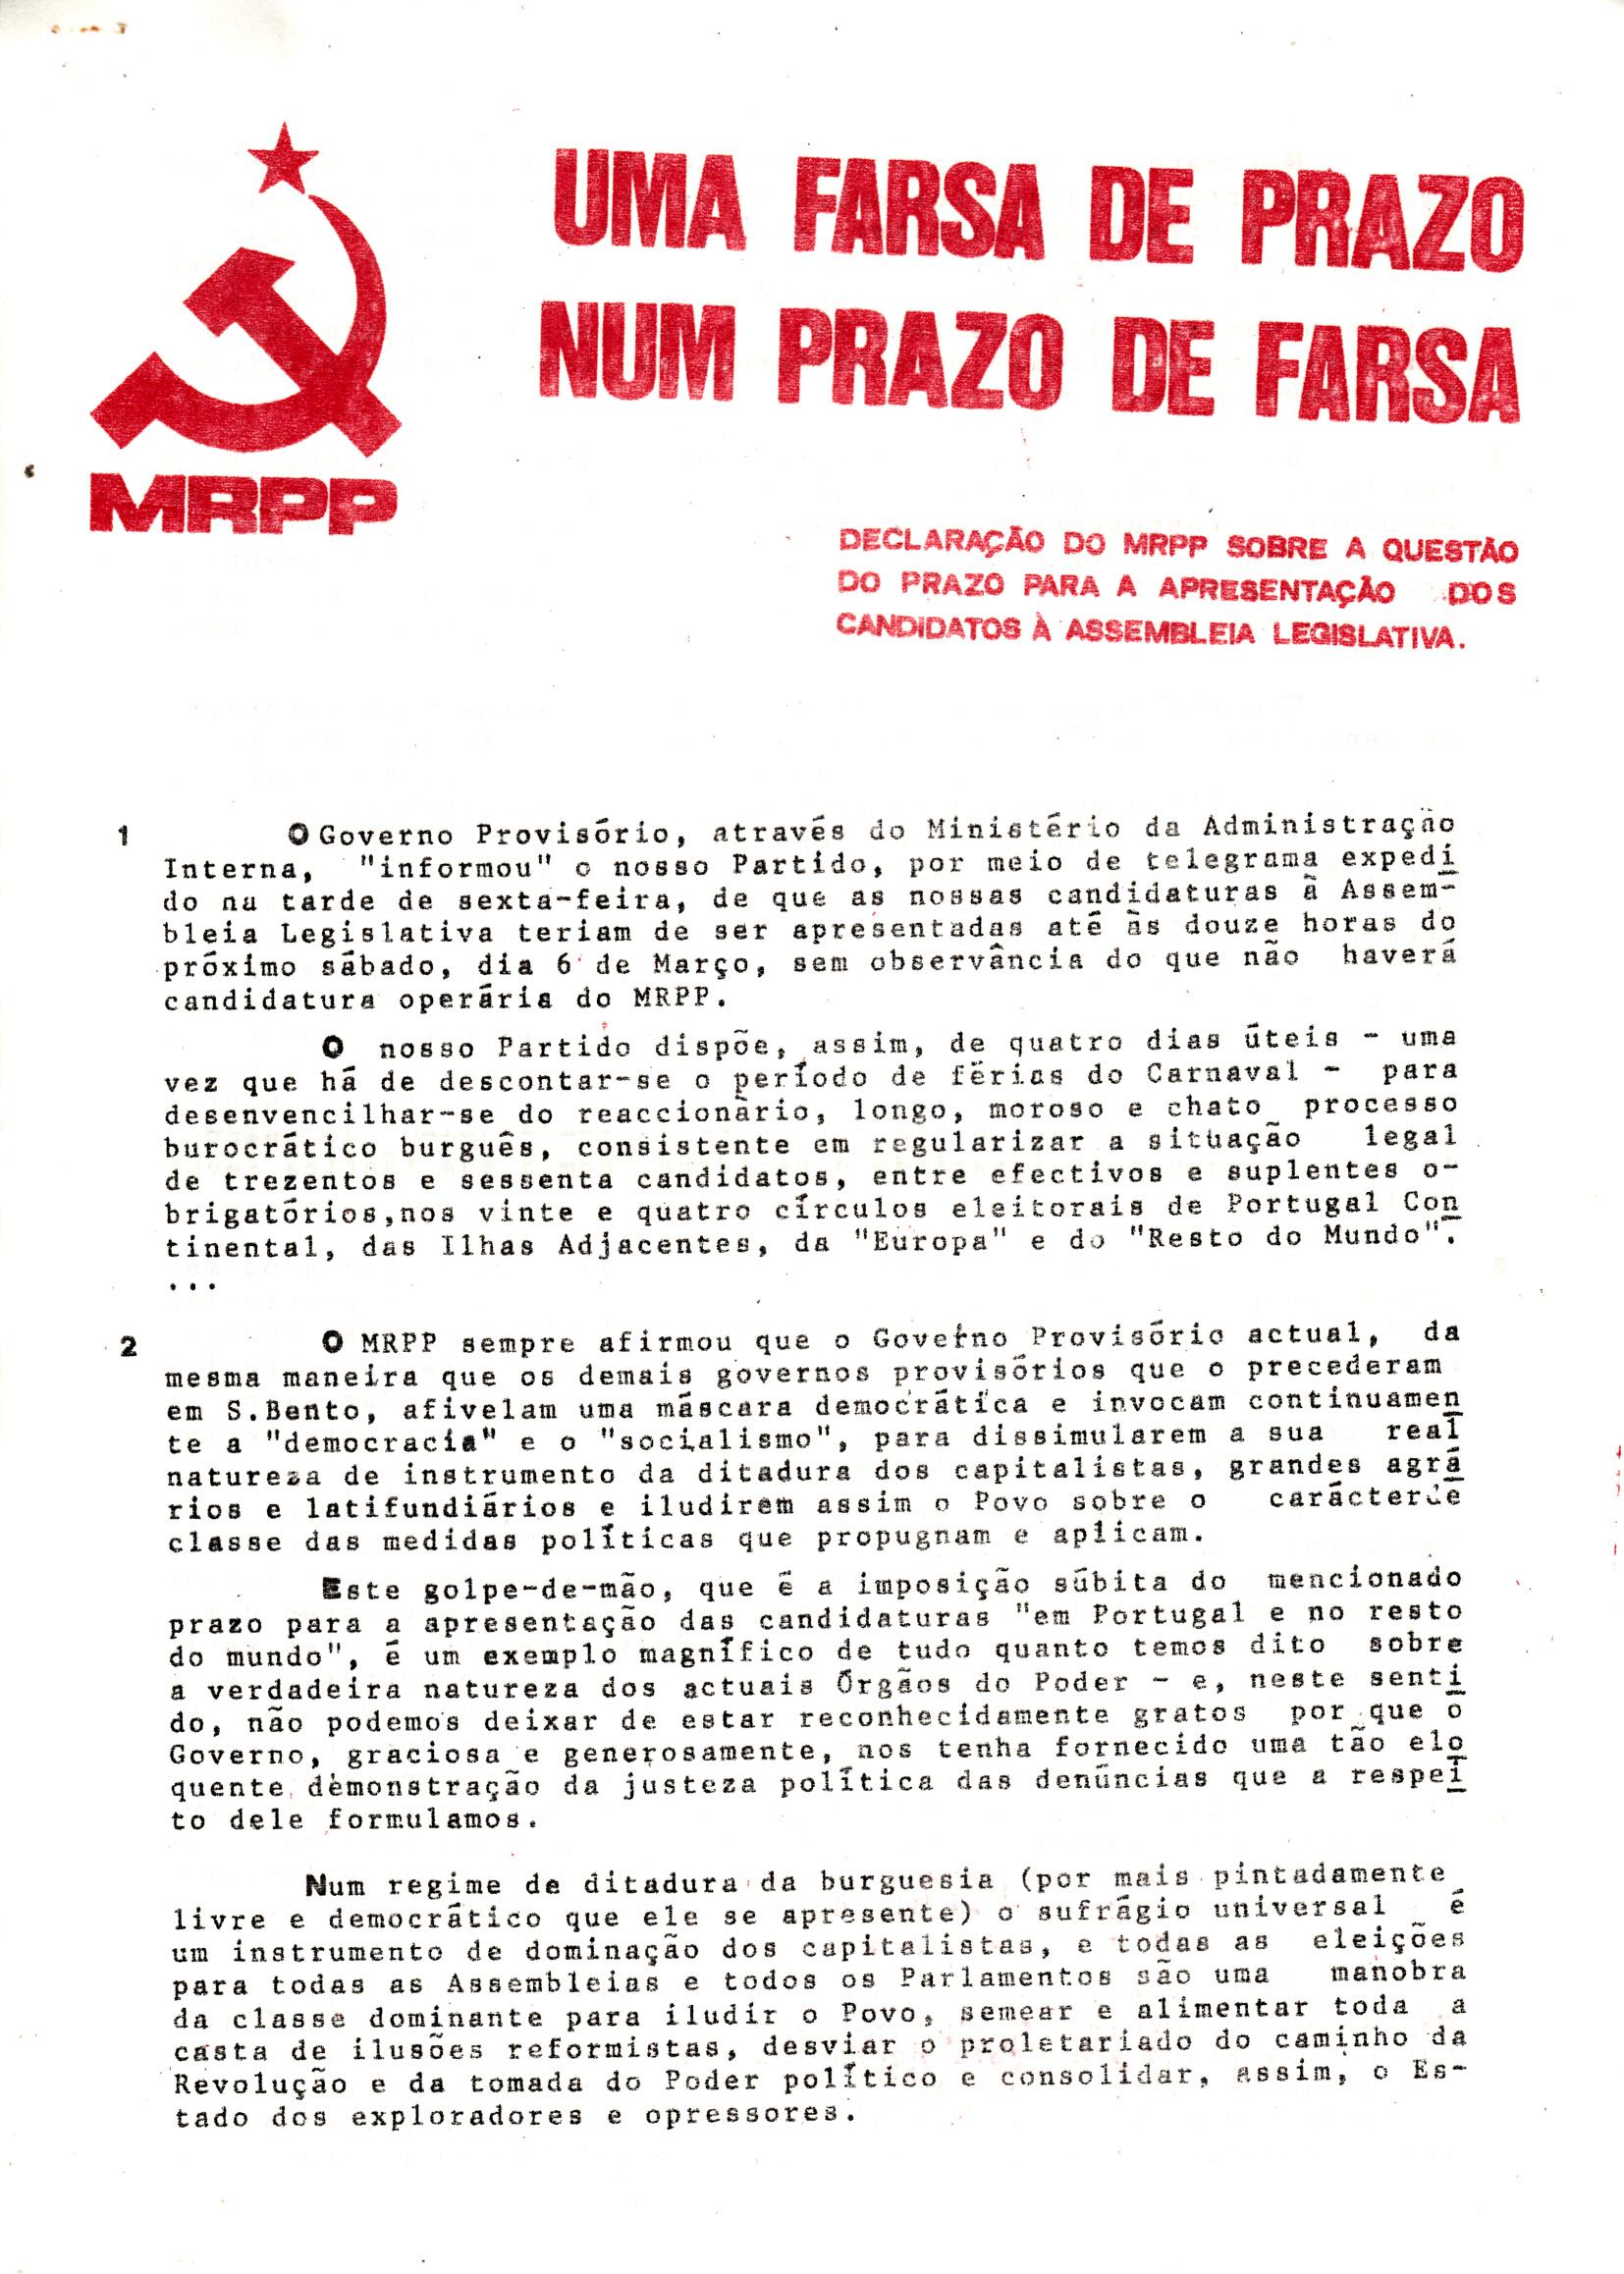 MRPP_1976_02_29